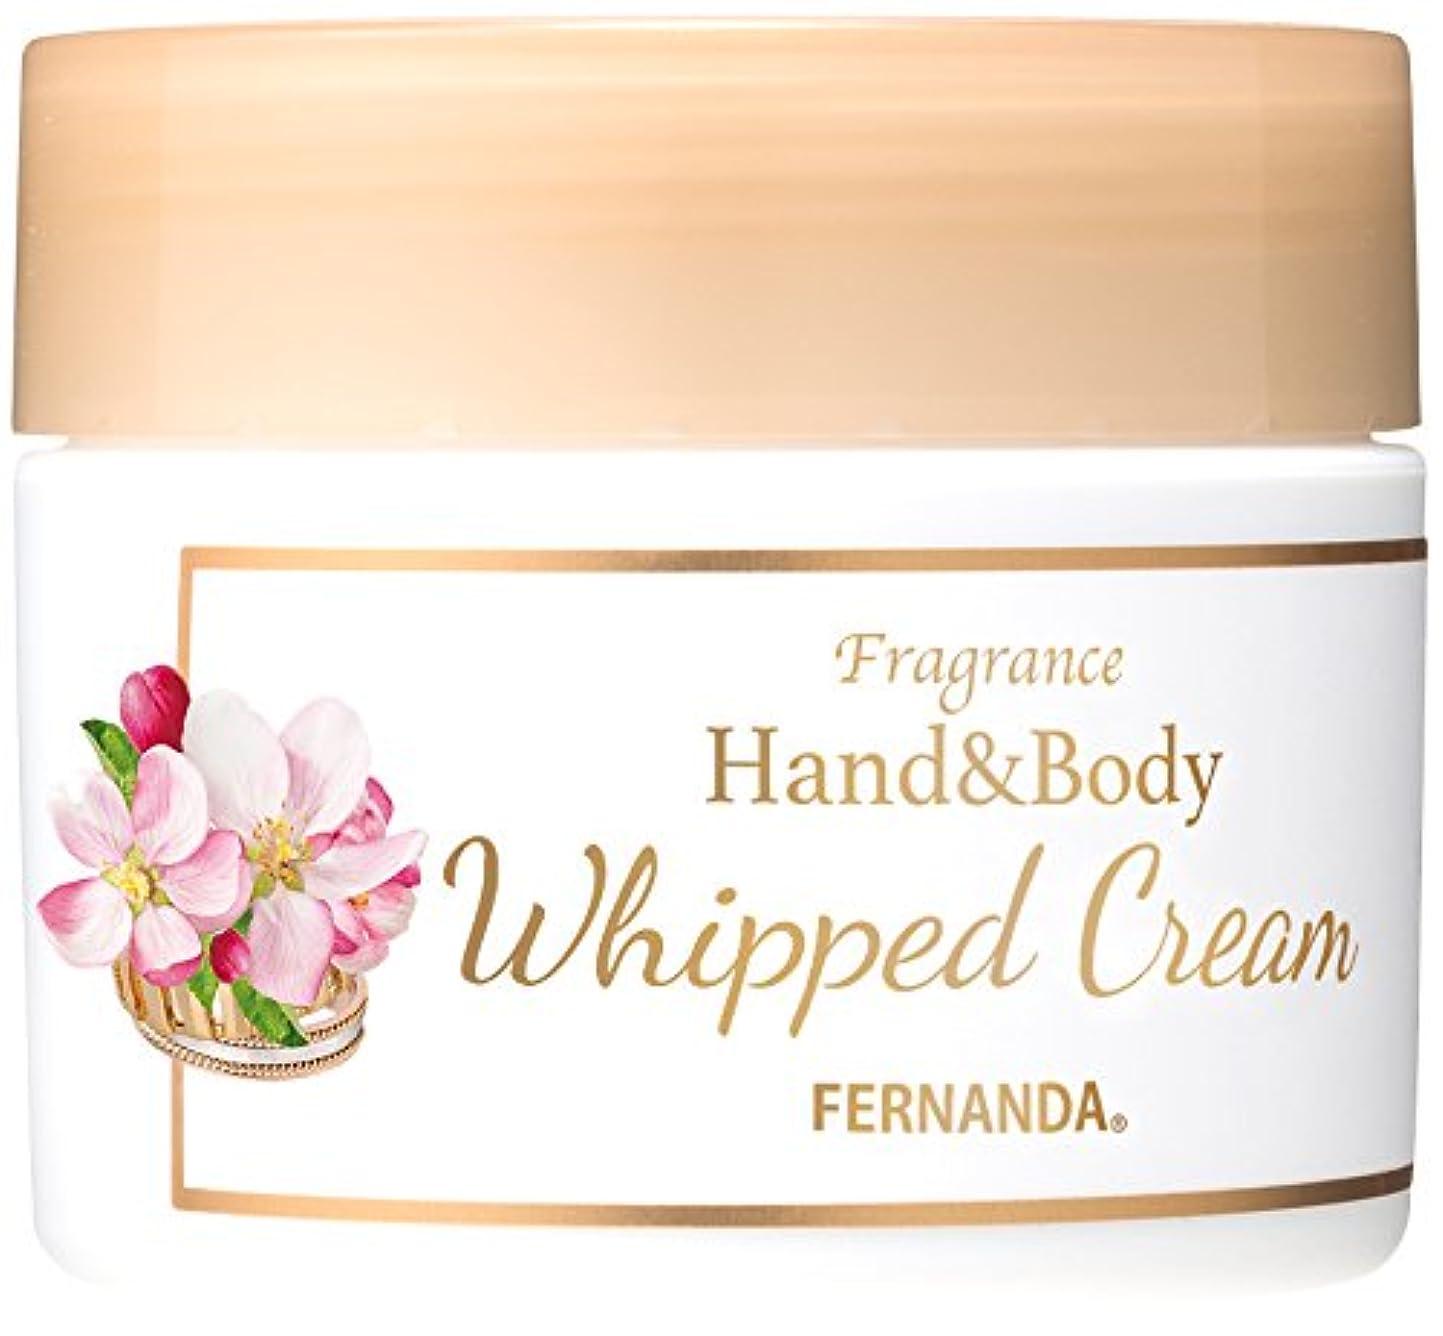 追加するお金ゴム教室FERNANDA(フェルナンダ) Hand&Body Whipped Cream Primeiro Amor (ハンド&ホイップクリーム プリメイロアモール)